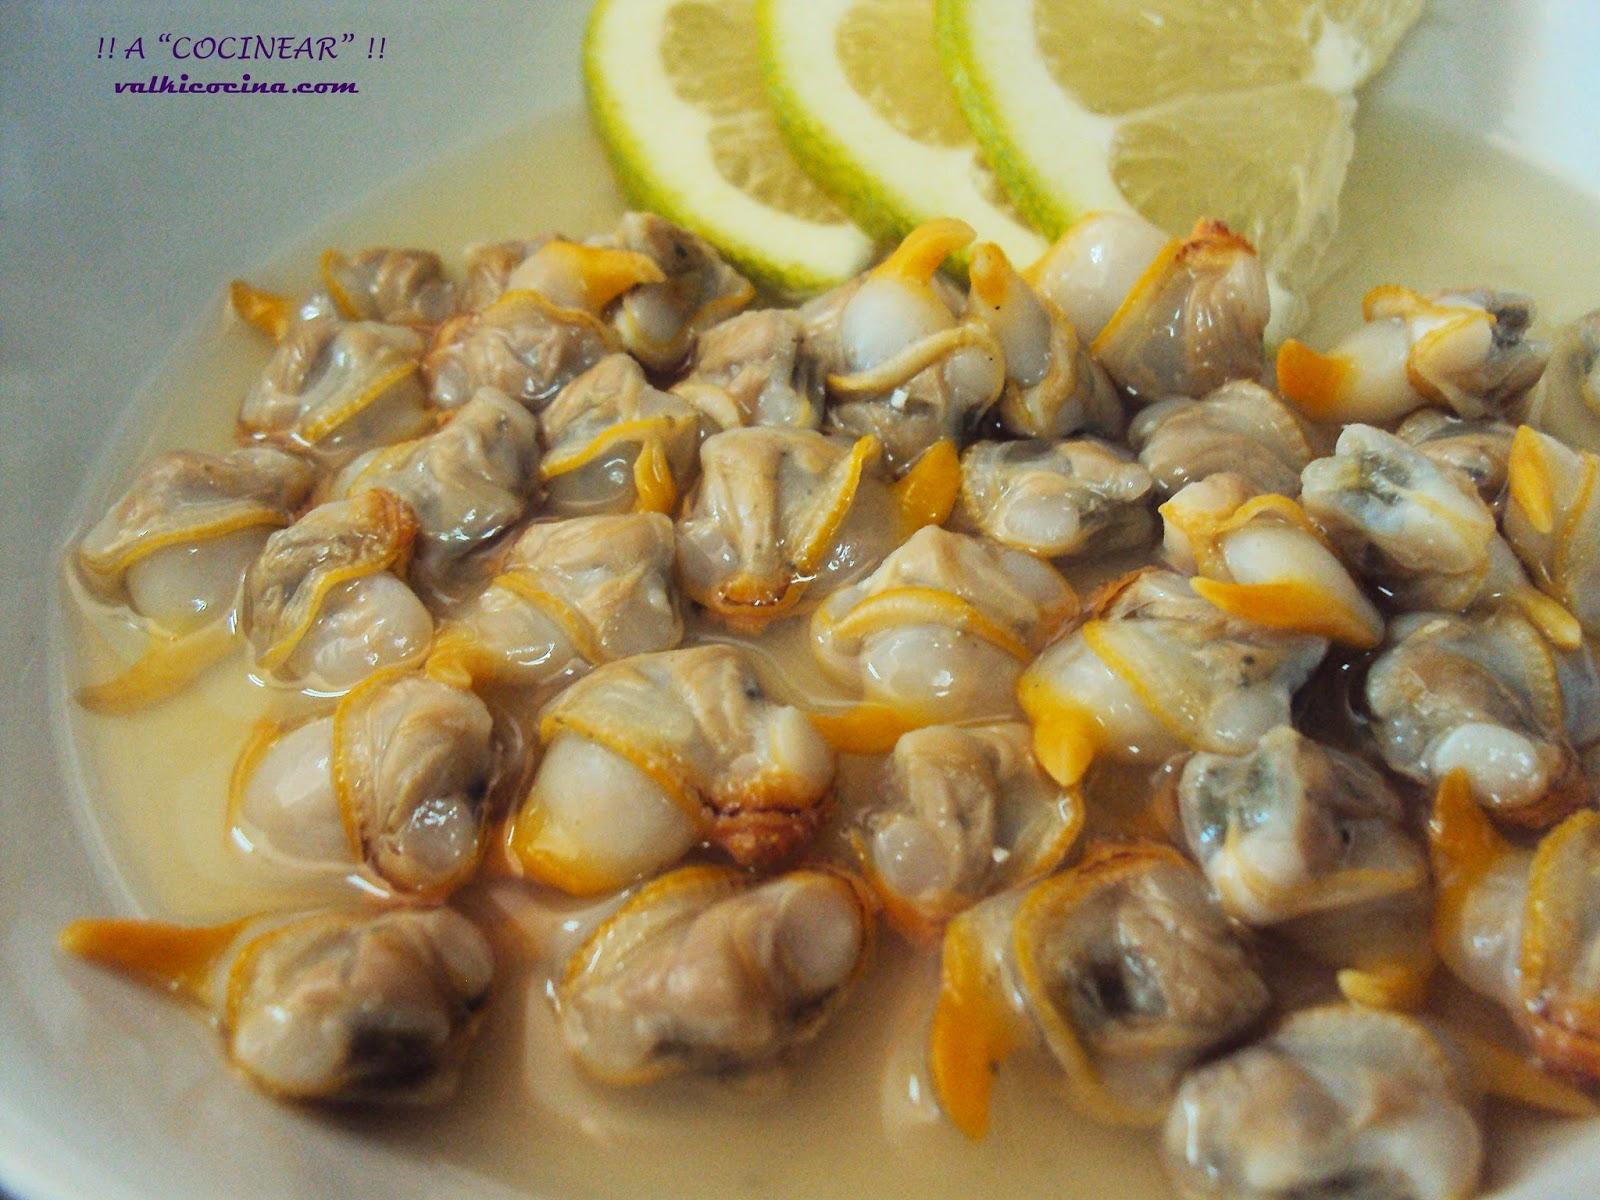 Cocinar Berberechos Frescos | Berberechos Al Limon A Cocinear Recetas Valkicocina Com